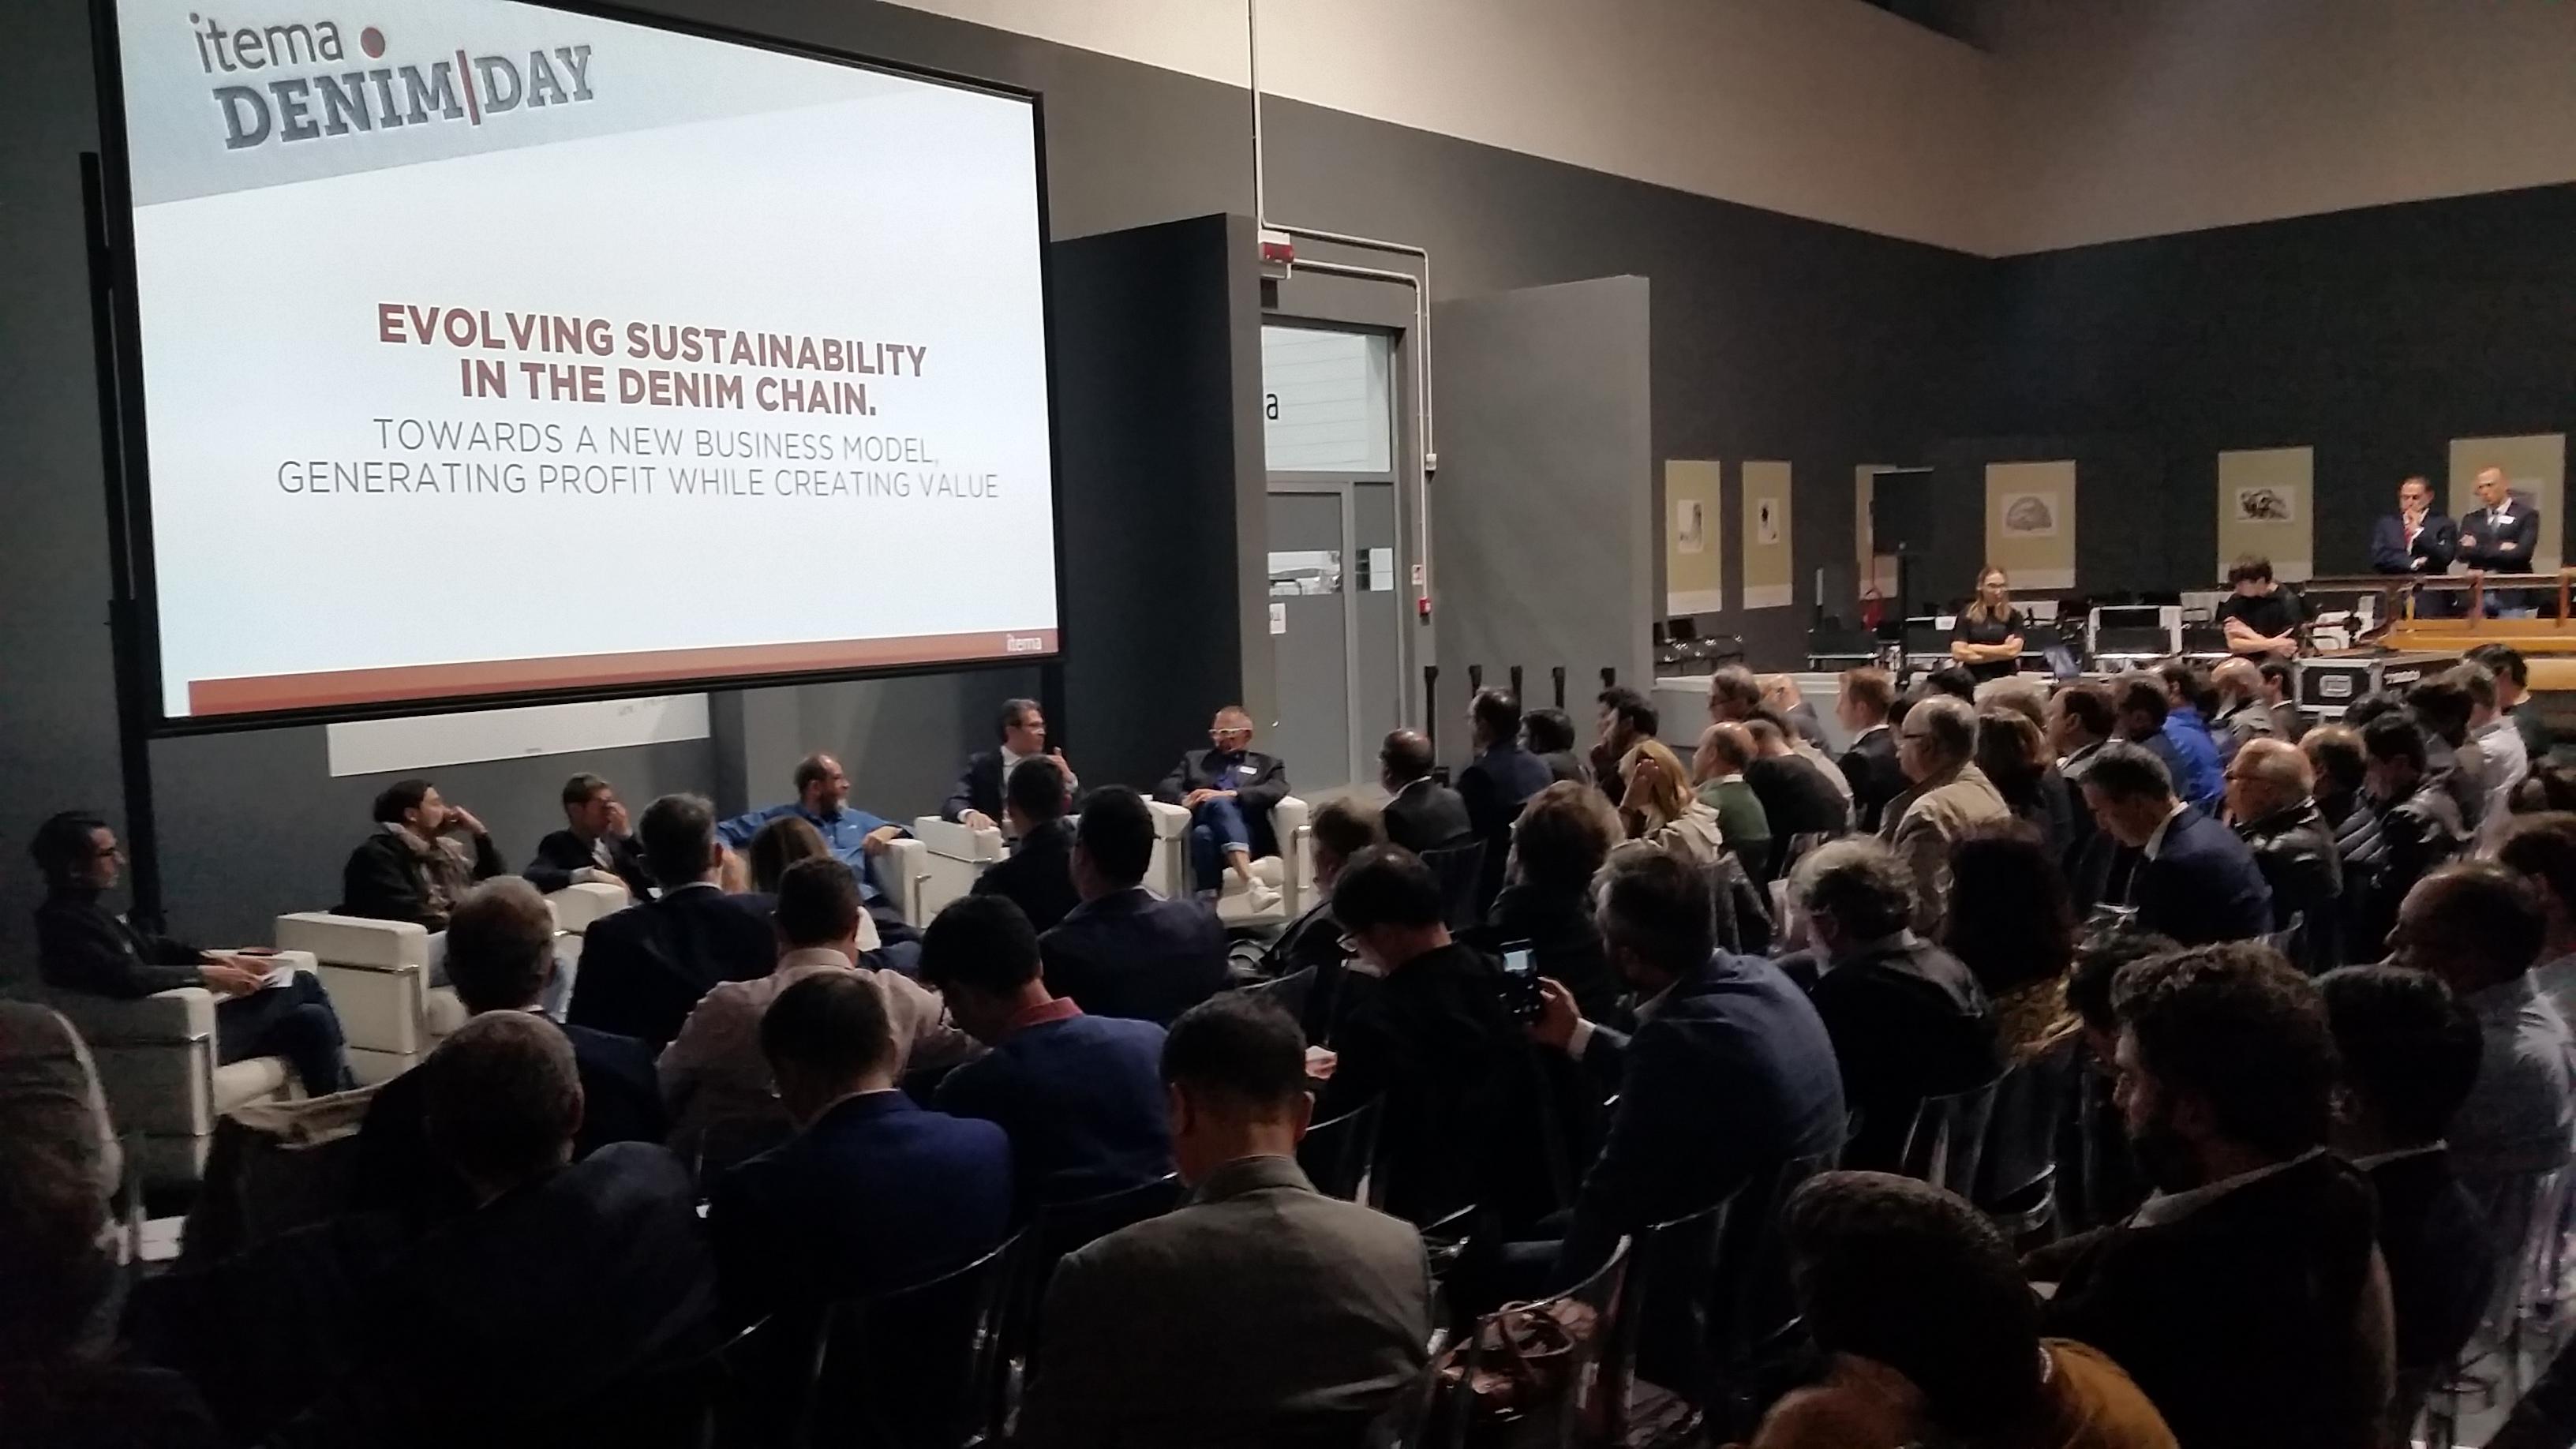 La sostenibilità nel mondo del denim